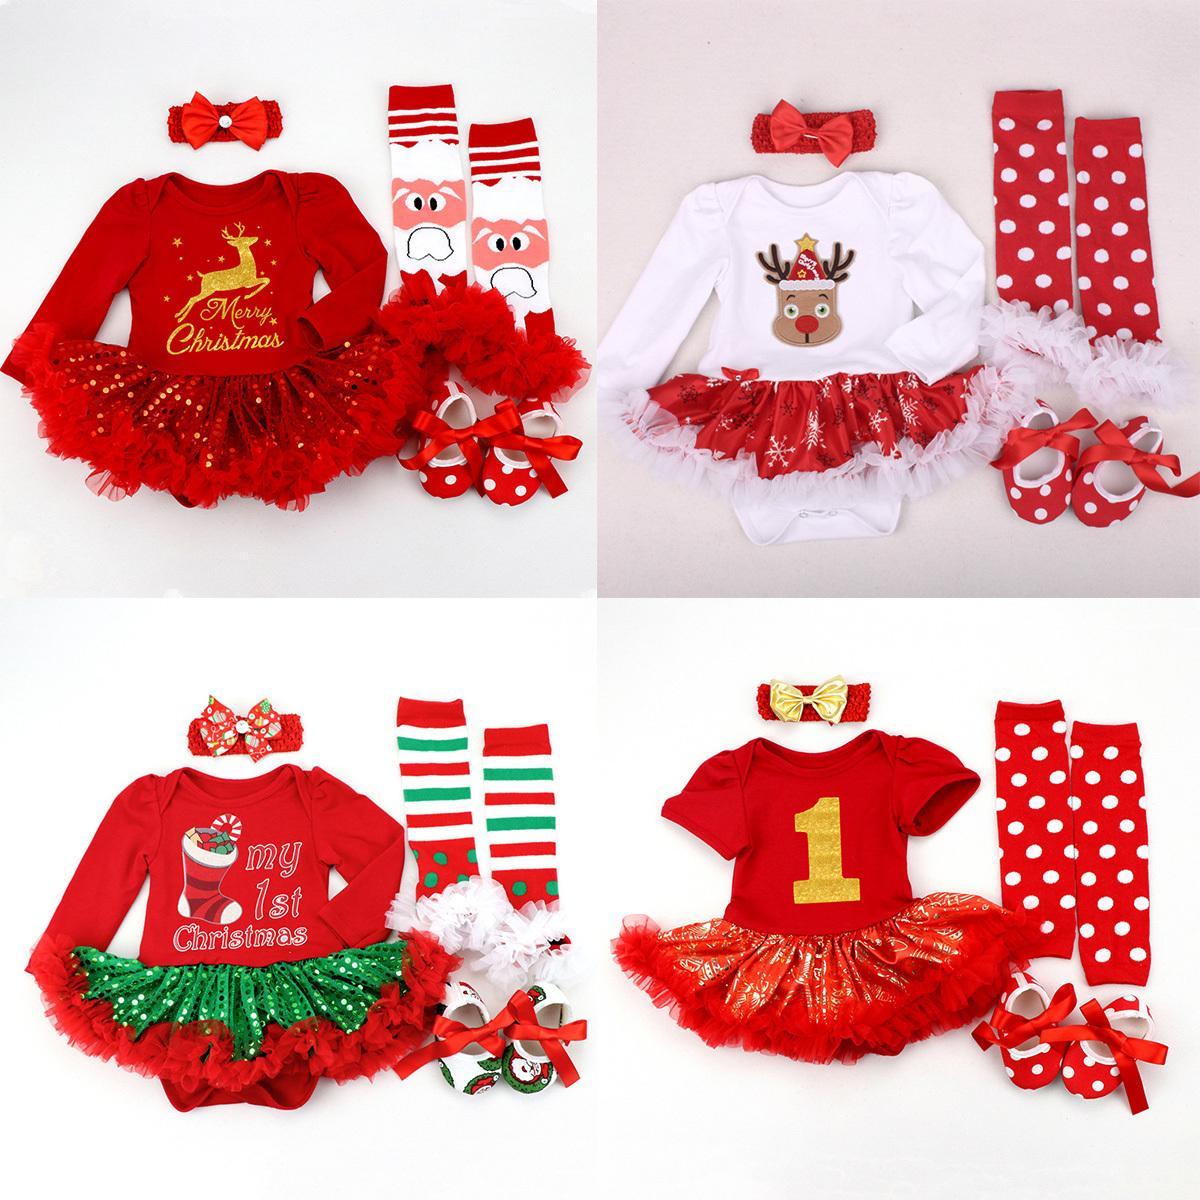 Weihnachten Baby Kleidung Neugeborene Mein erster Weihnachtskostüm ROUPA Baby Tutu Strampler Mädchen Kleid Infant Spitze 4 stücke Kleidung Set 201118